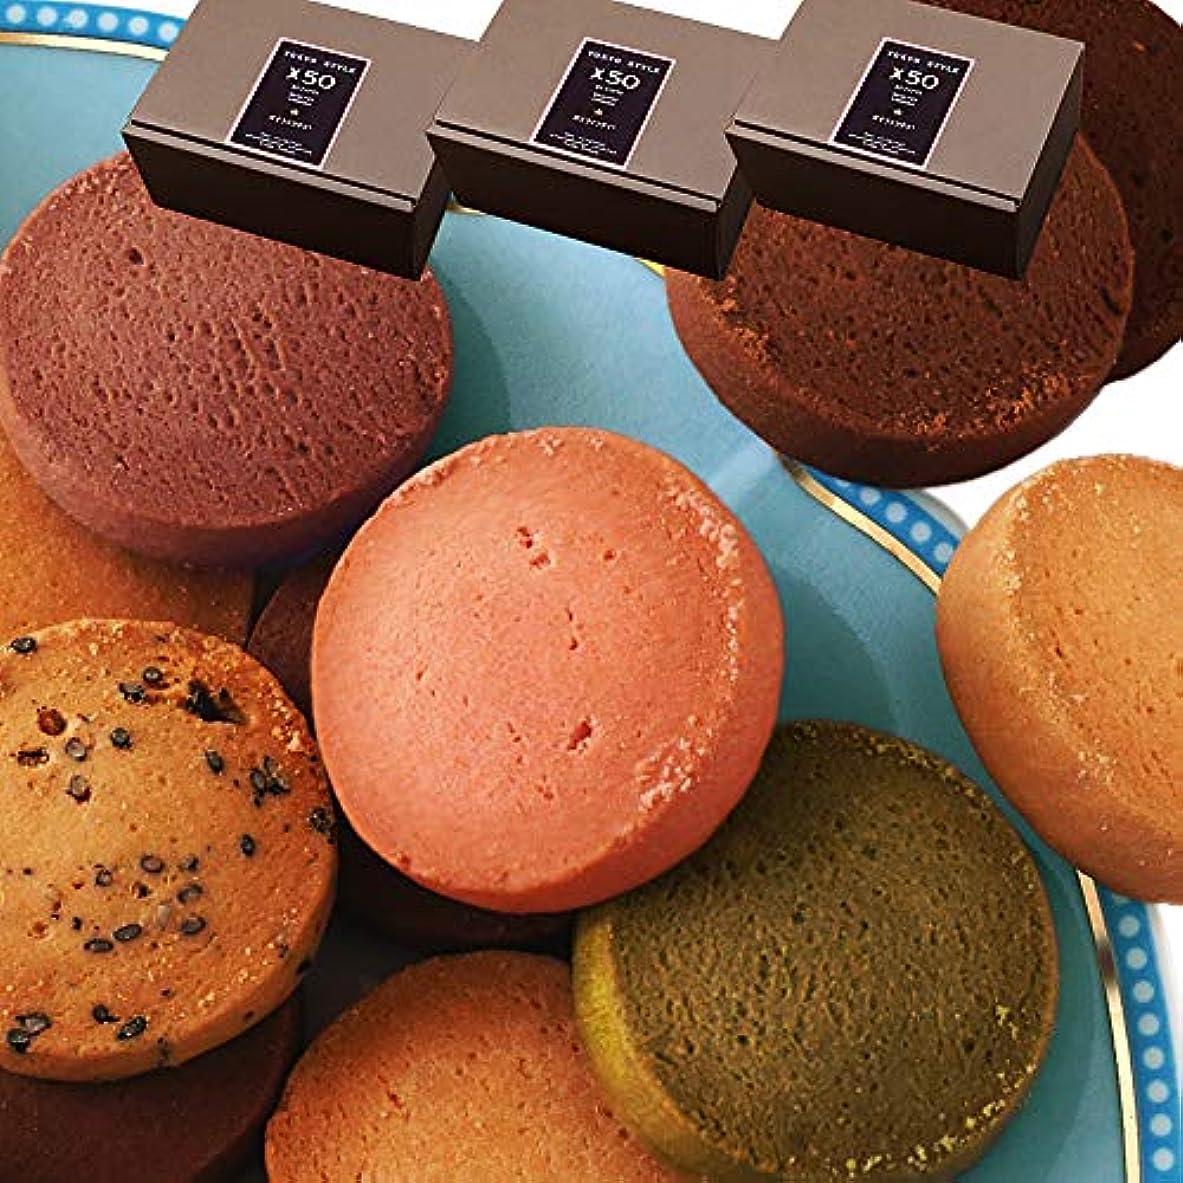 アナニバー拍手する概念【ダイエット 1食分の個包装】豆乳おからマンナンクッキー TOKYO 洋菓子店のテイスト 18食(6種×3袋)×3箱おまとめ